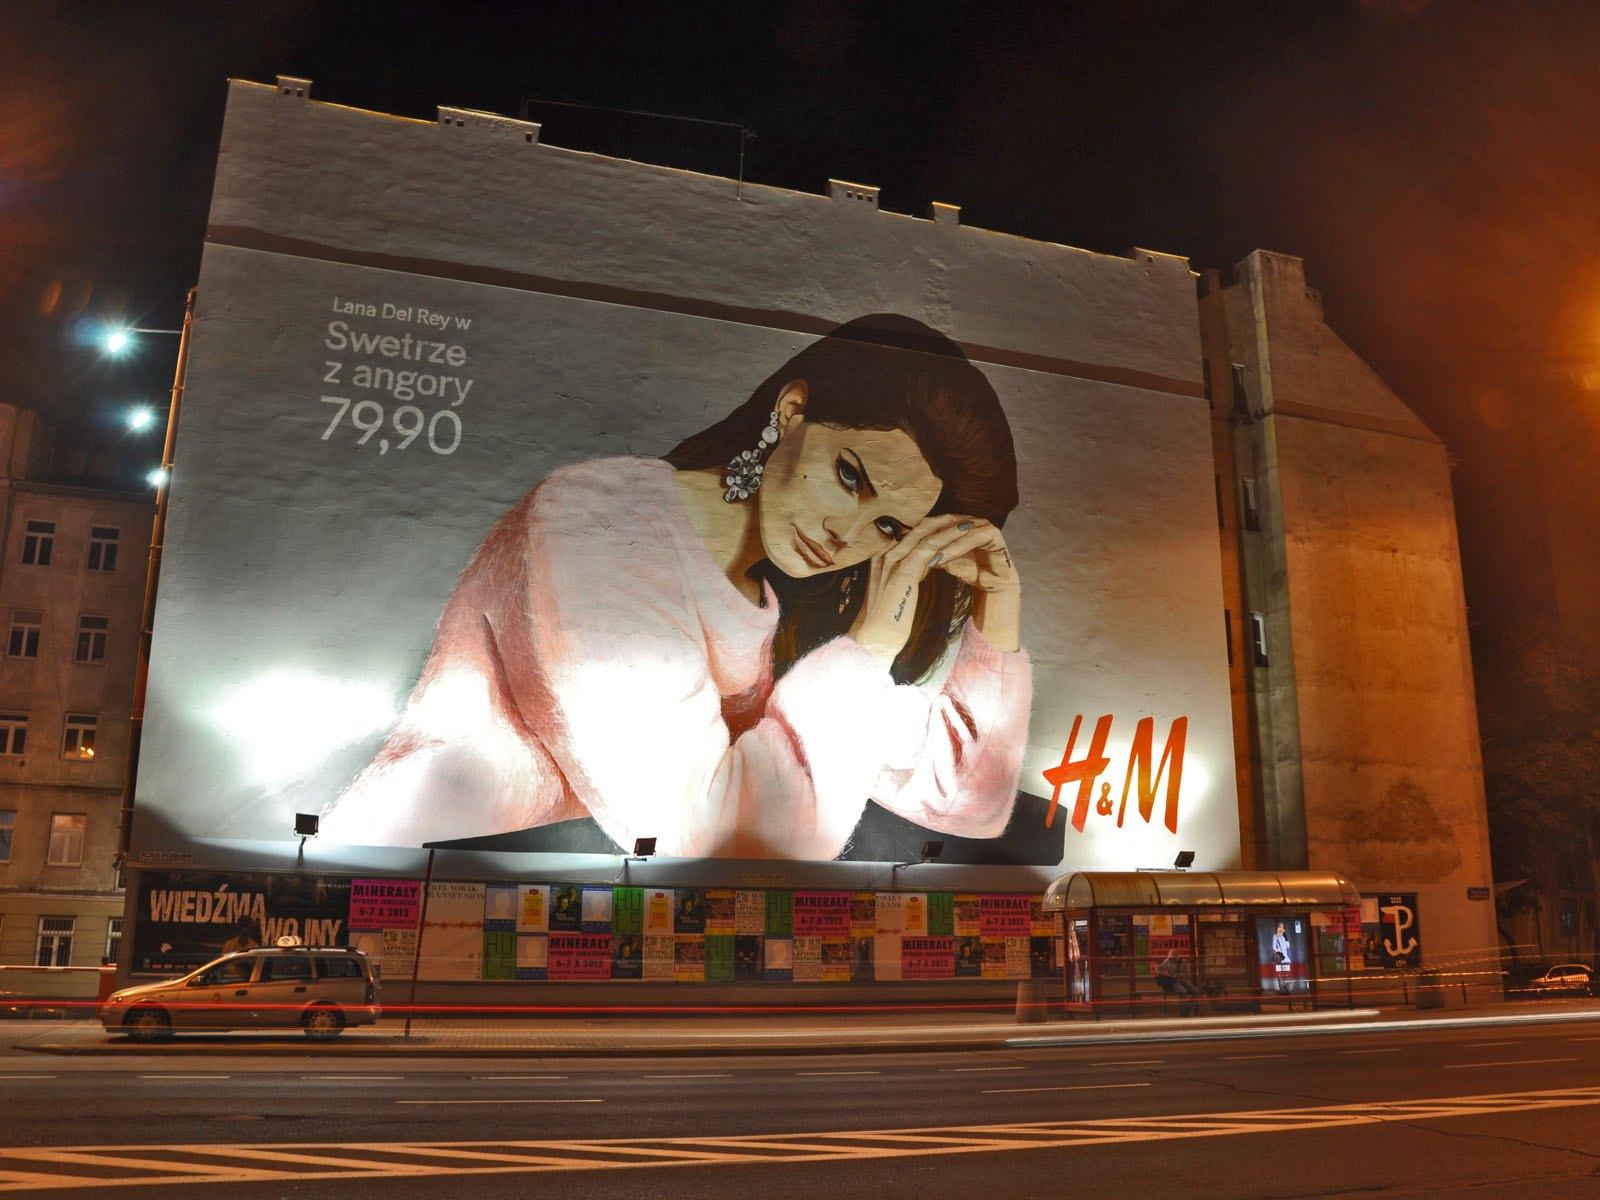 www.goodlooking.pl